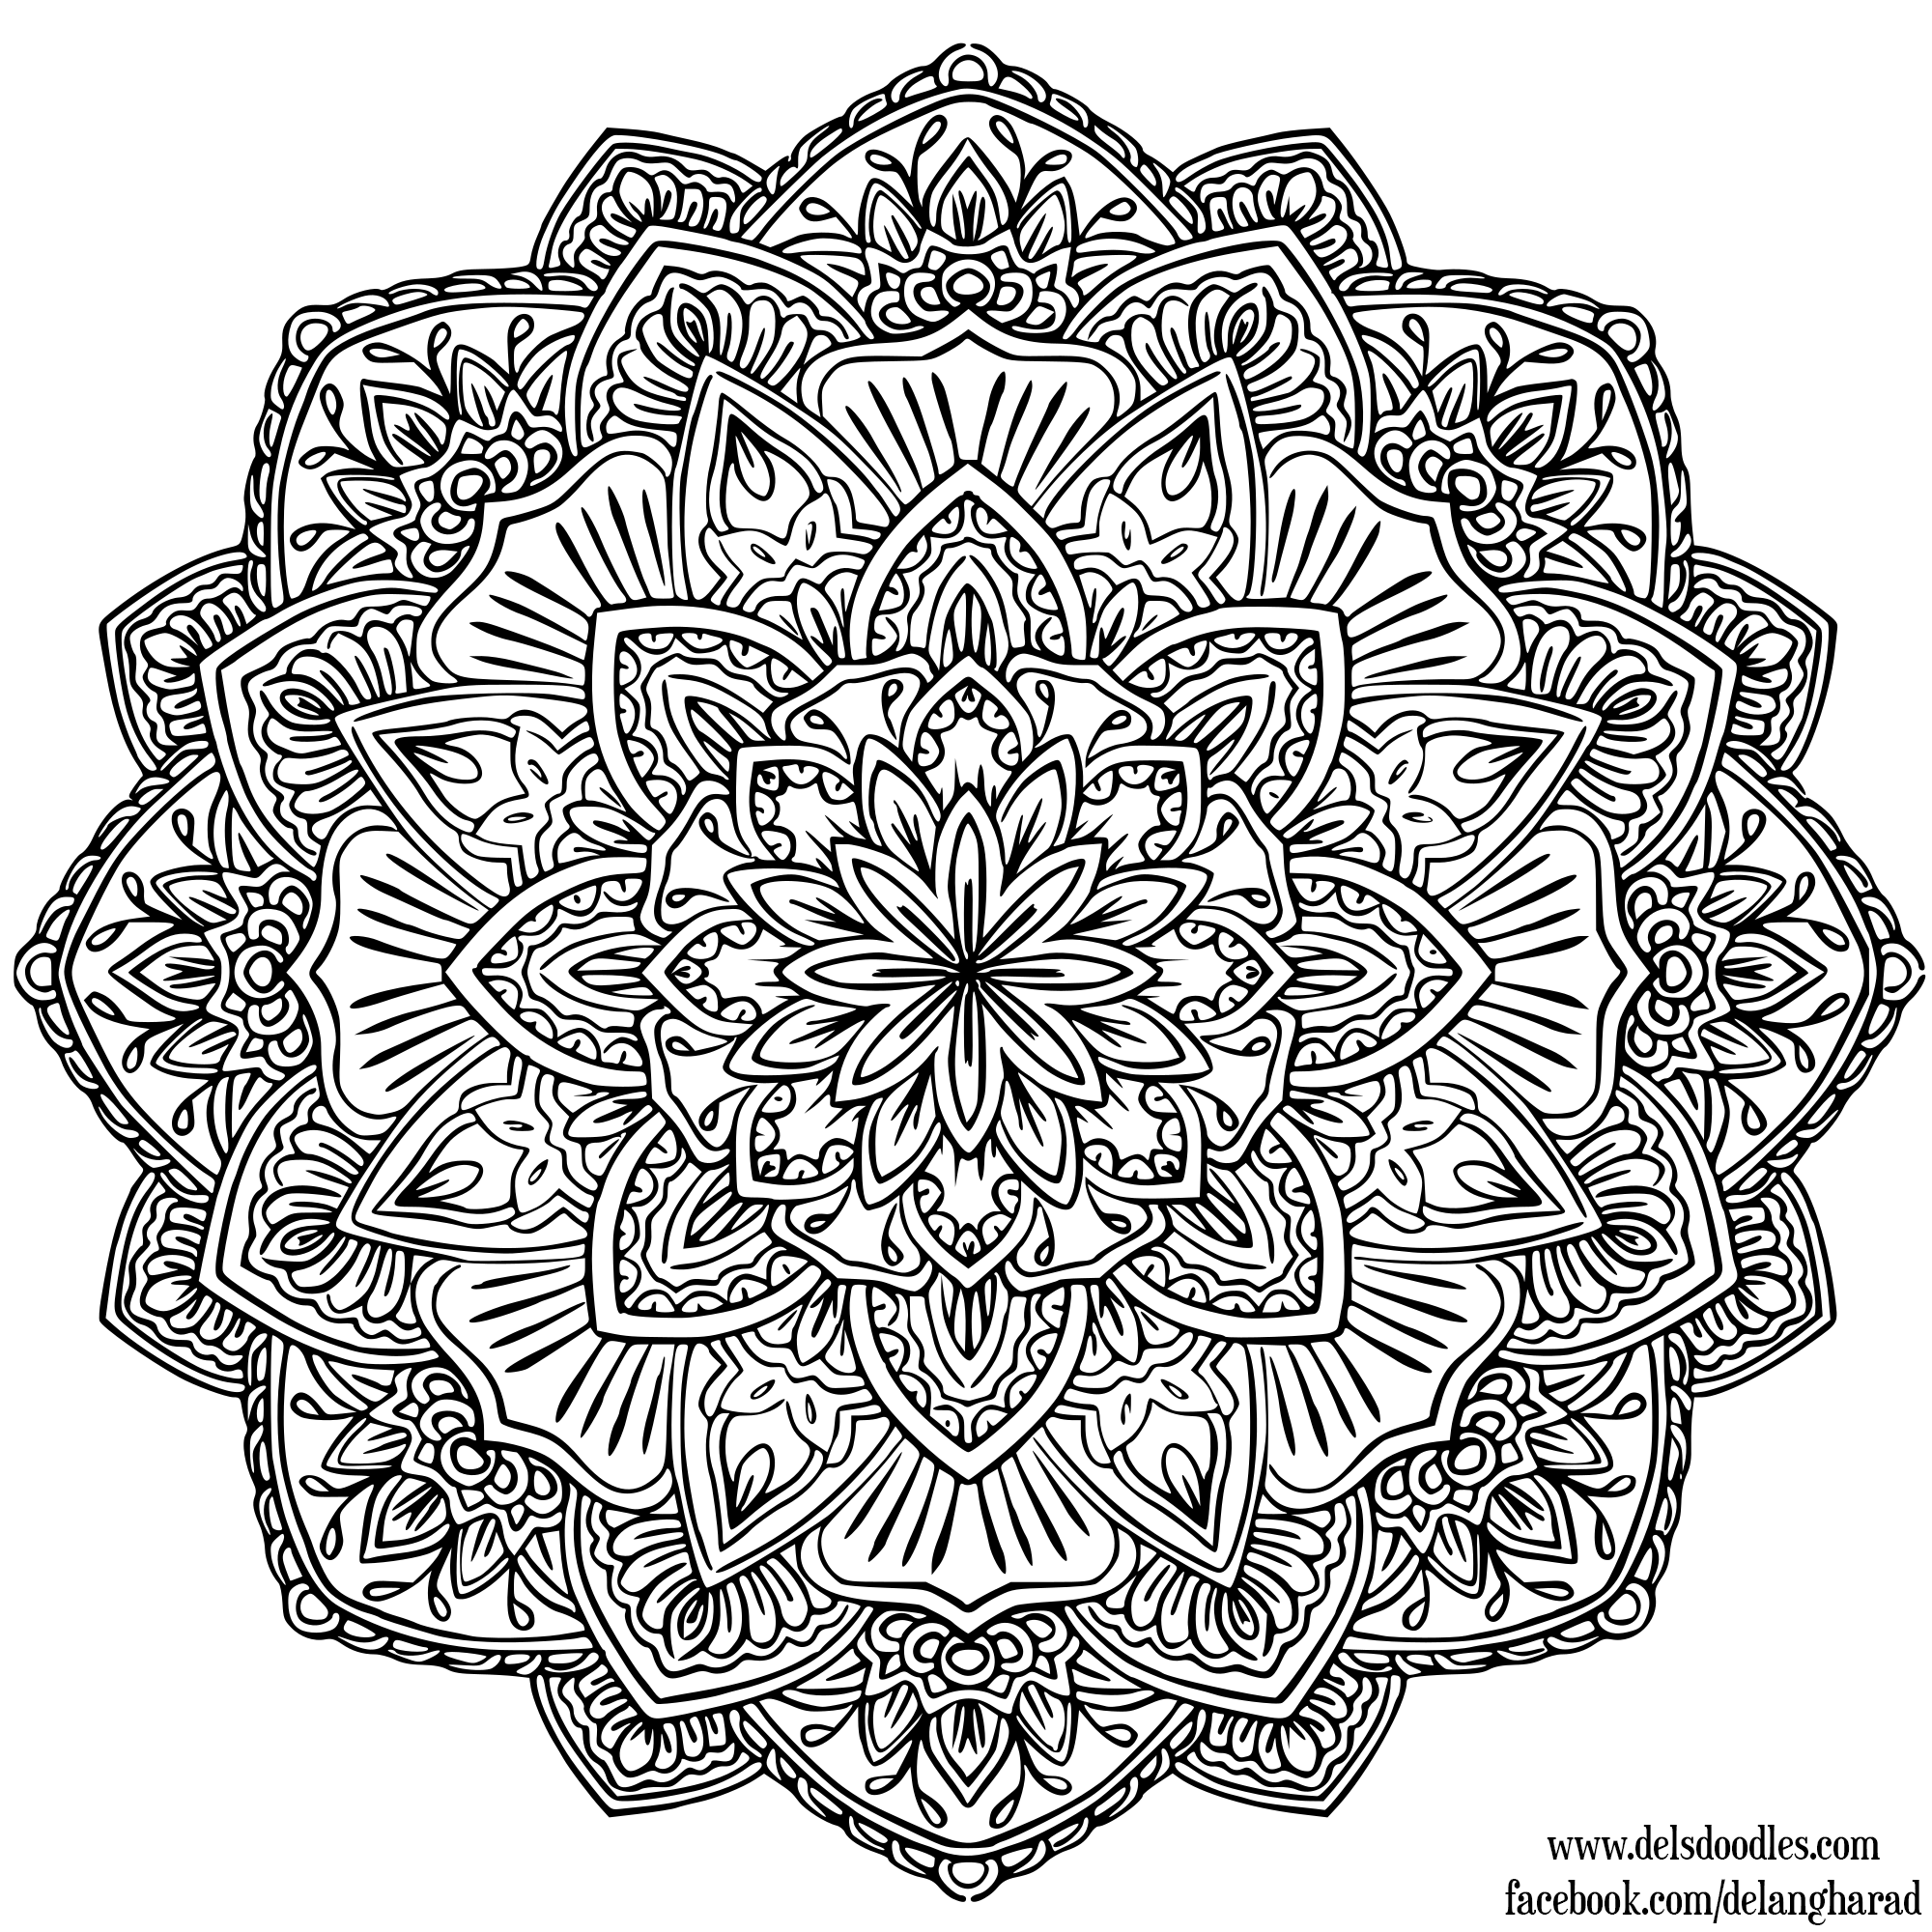 mandala coloring pictures printable mandala 1 ruthart flickr photo sharing mandala coloring pictures